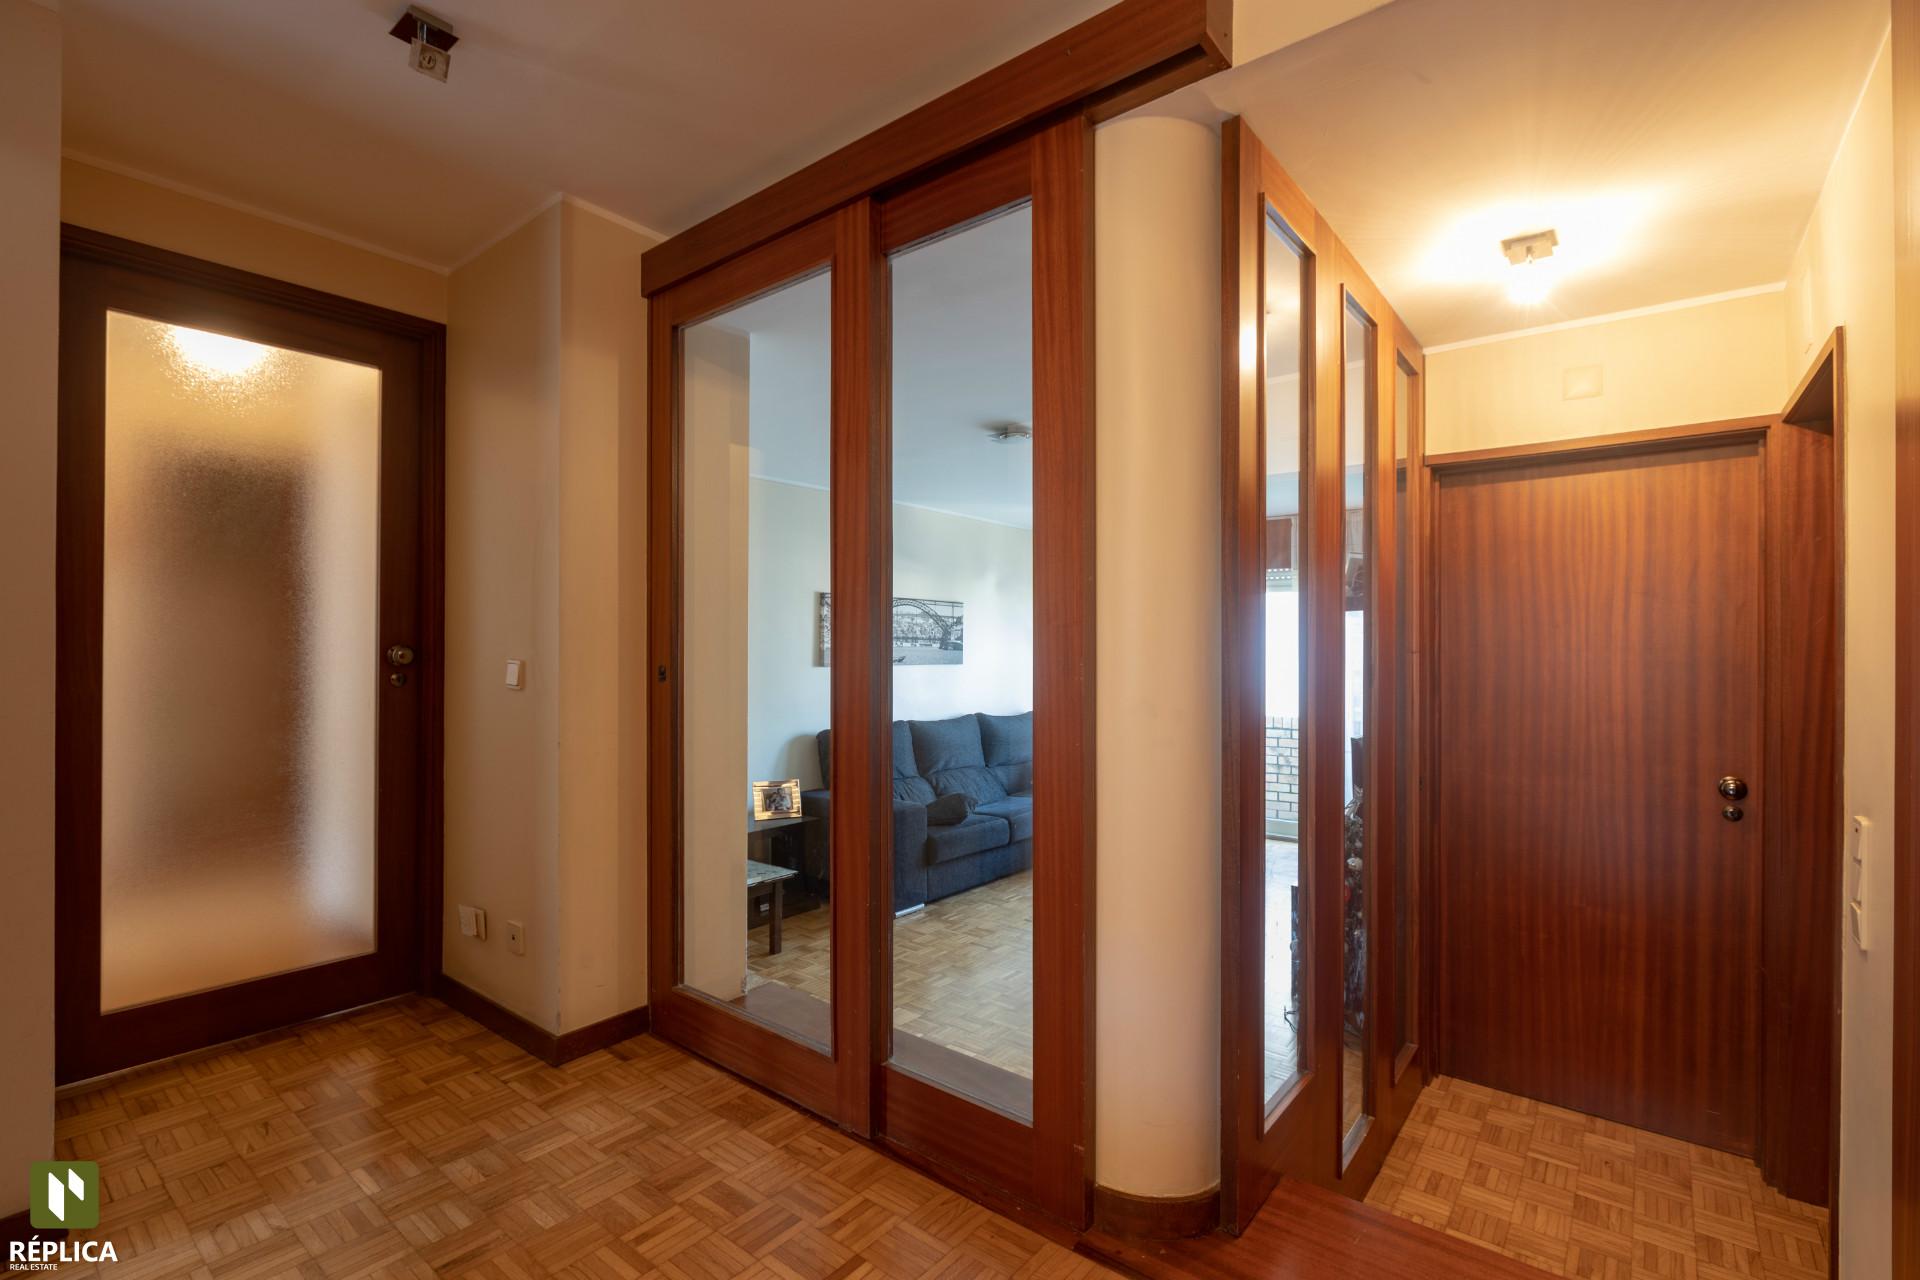 Apartamento T3, Cooperativa dos Arquitetos